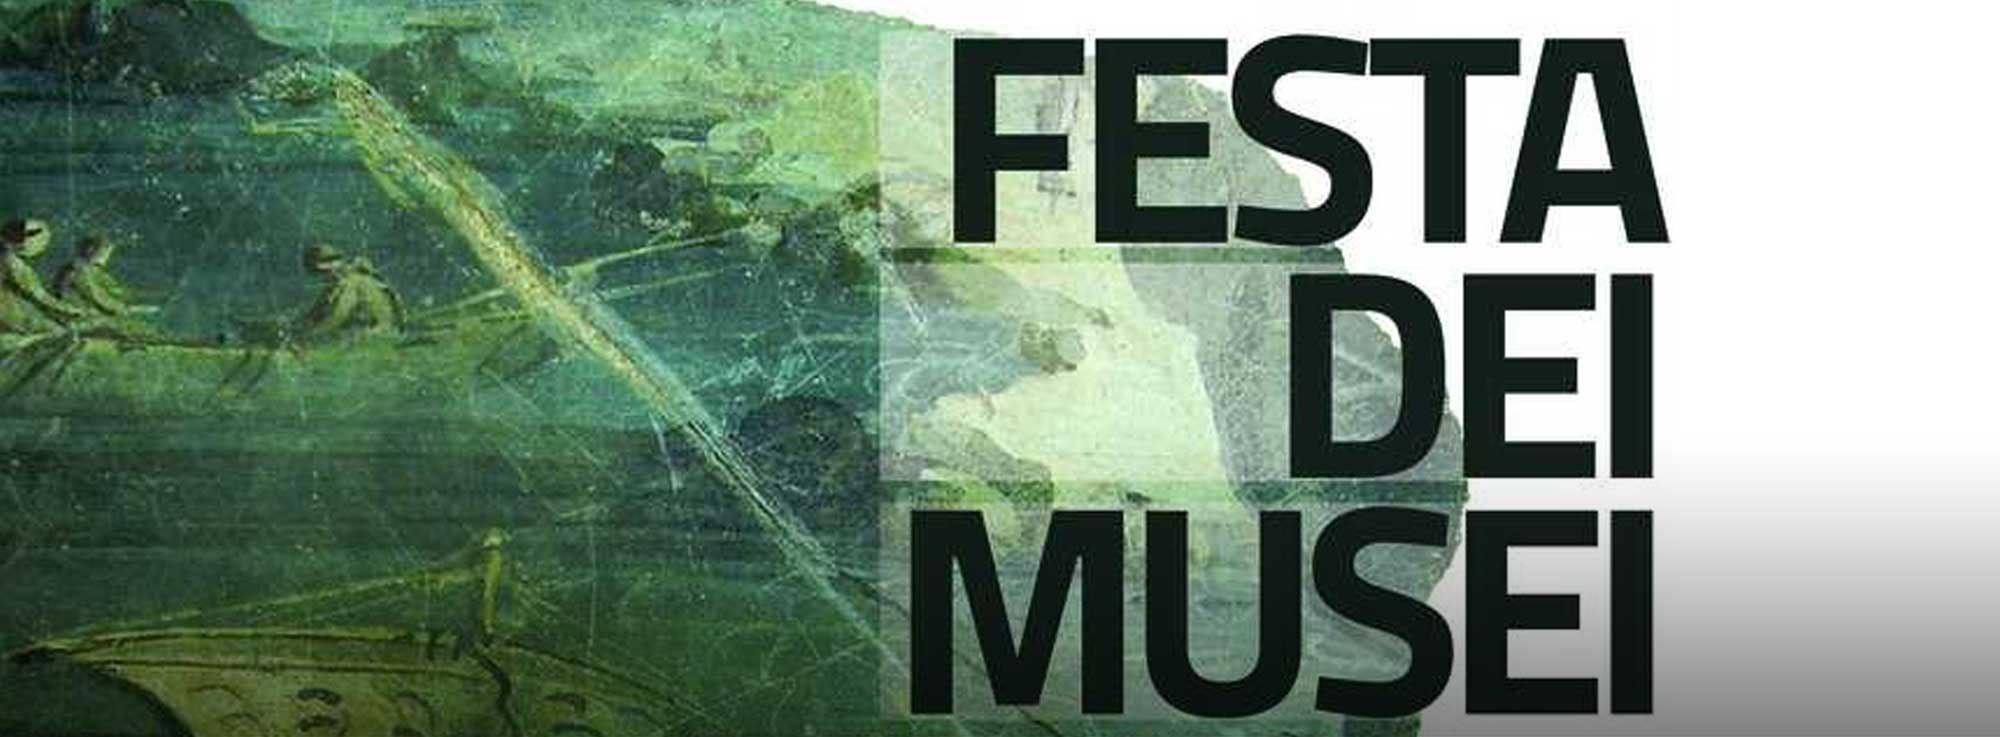 Taranto: Festa dei Musei al MArTa